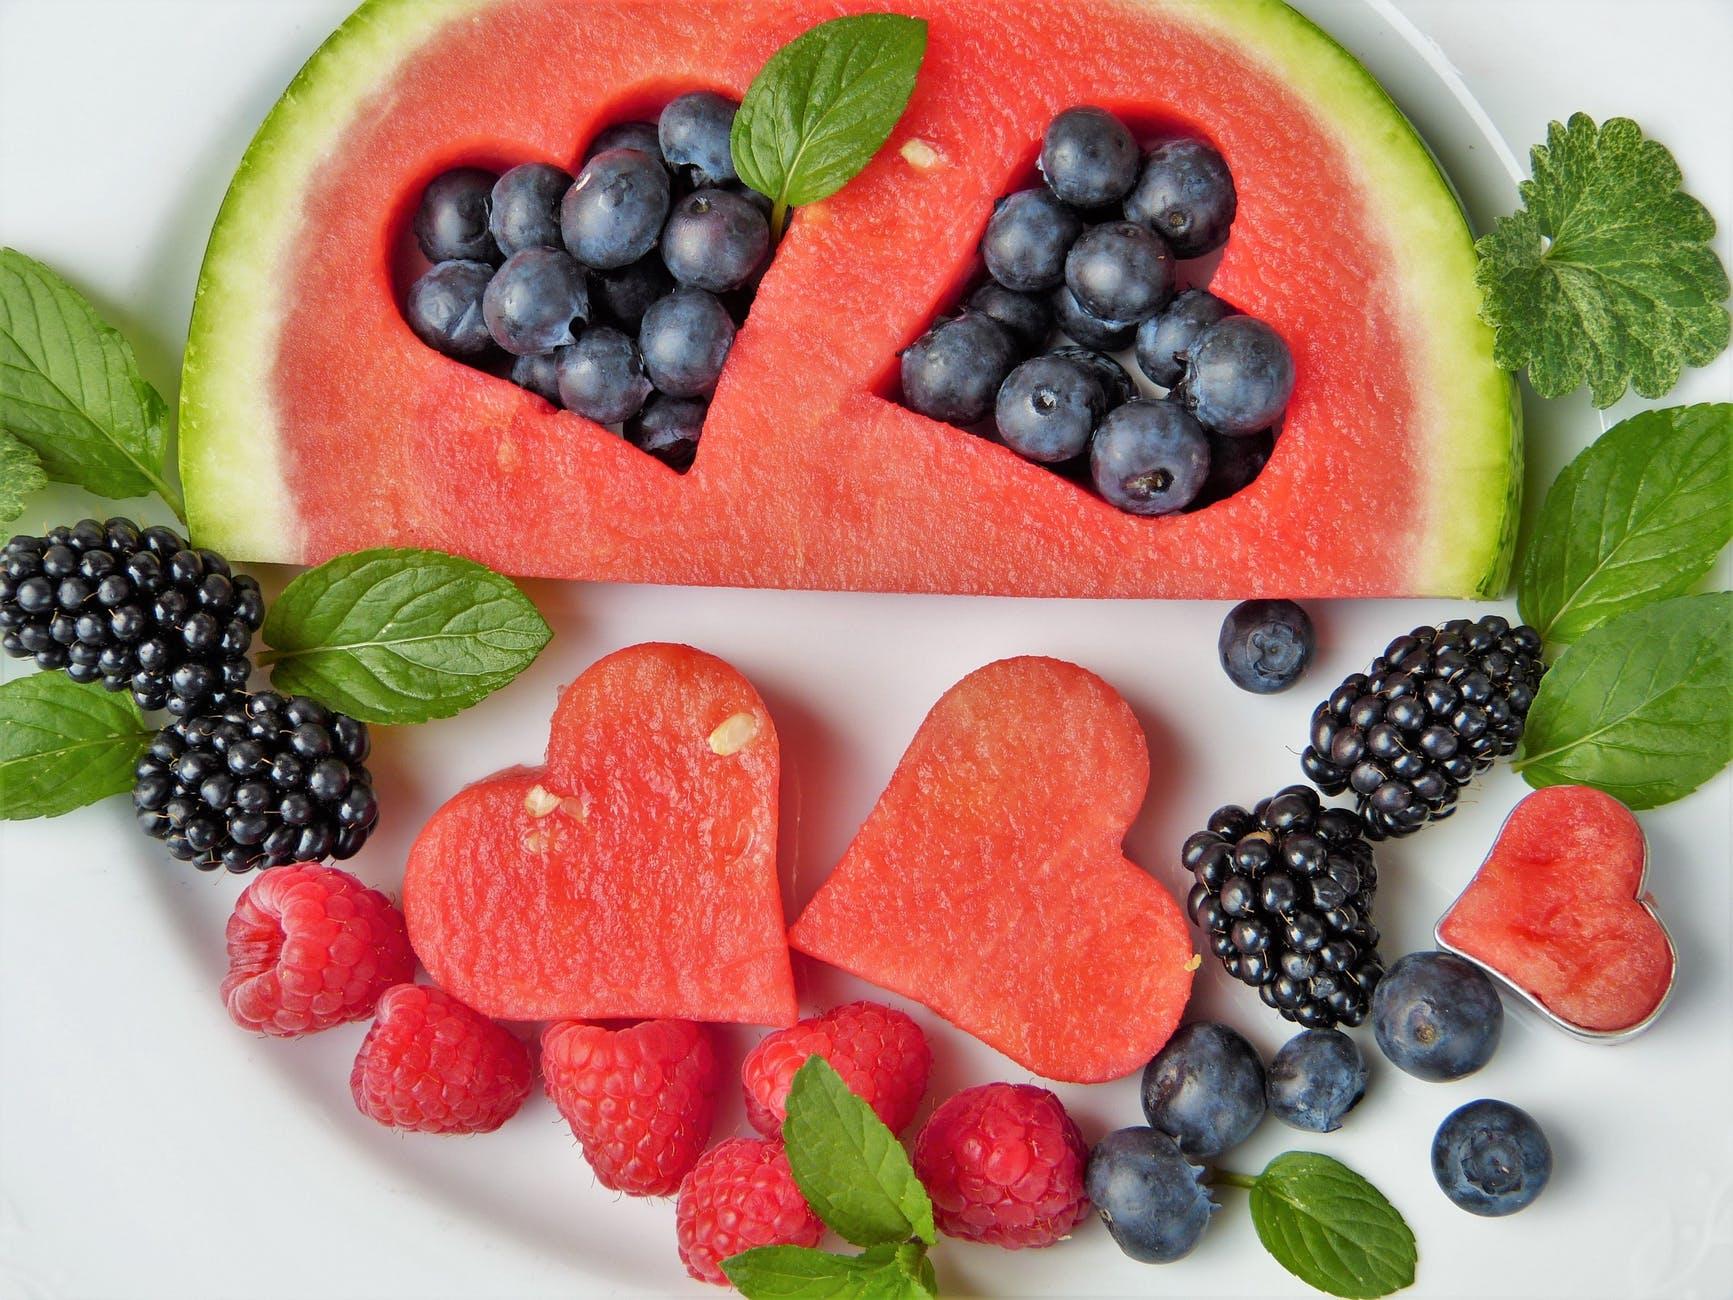 fruit-fruits-heart-blueberries-442408.jpeg